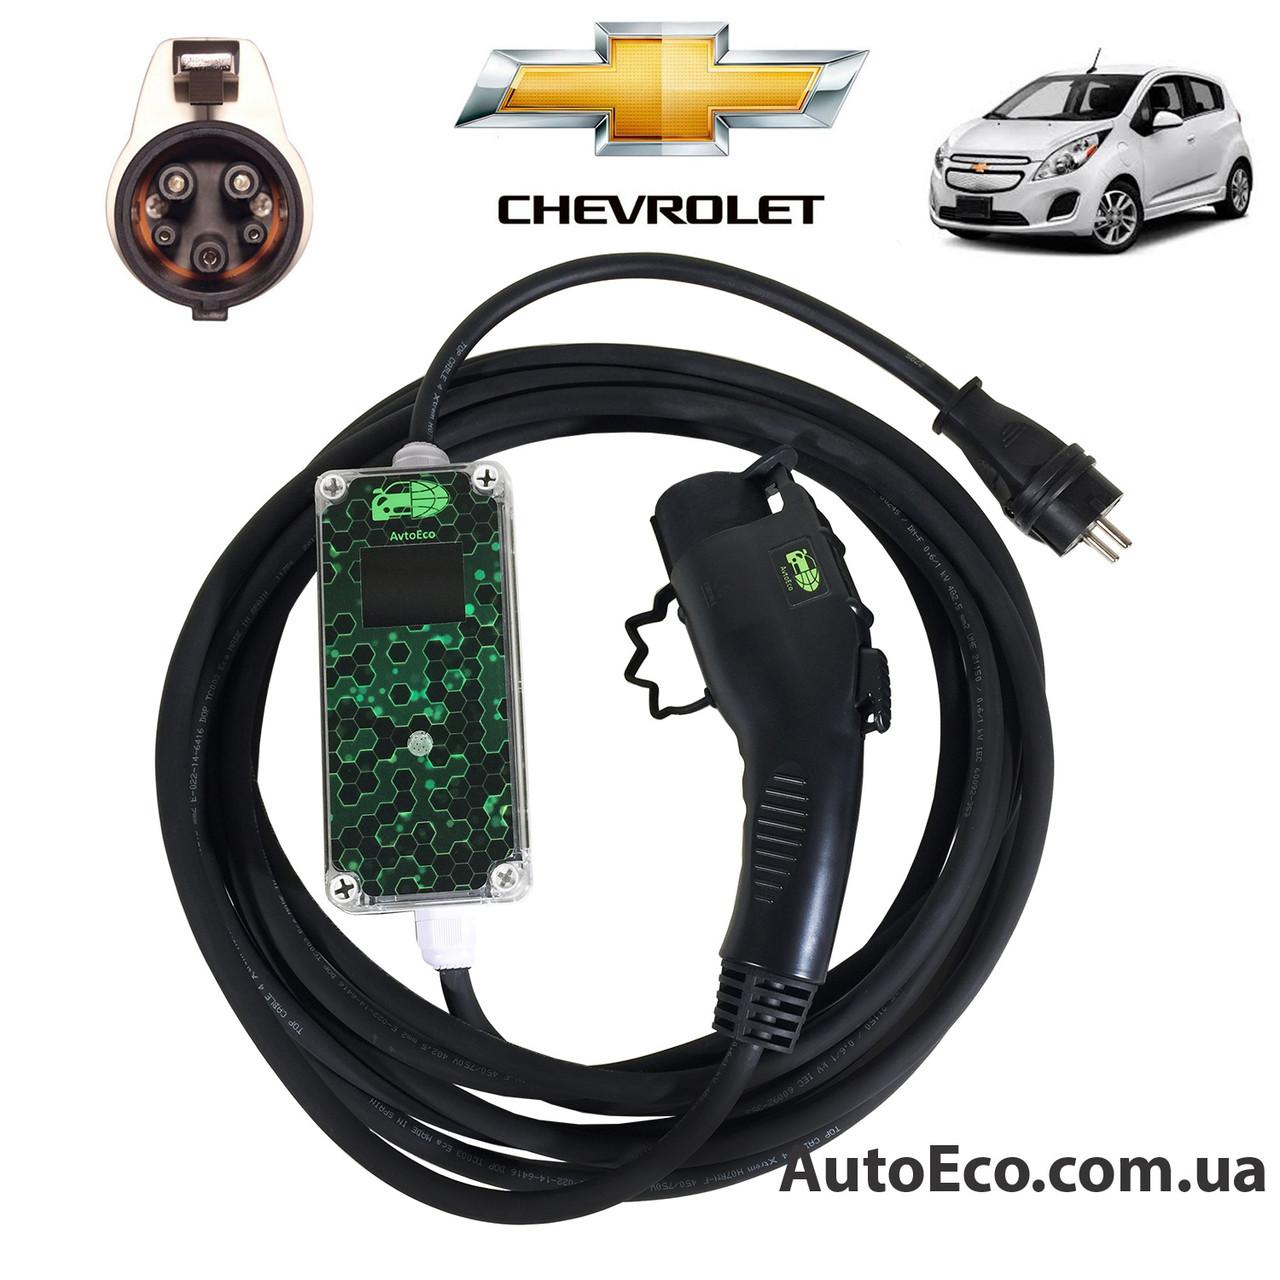 Зарядное устройство для электромобиля Chevrolet Spark AutoEco J1772-16A-Wi-Fi